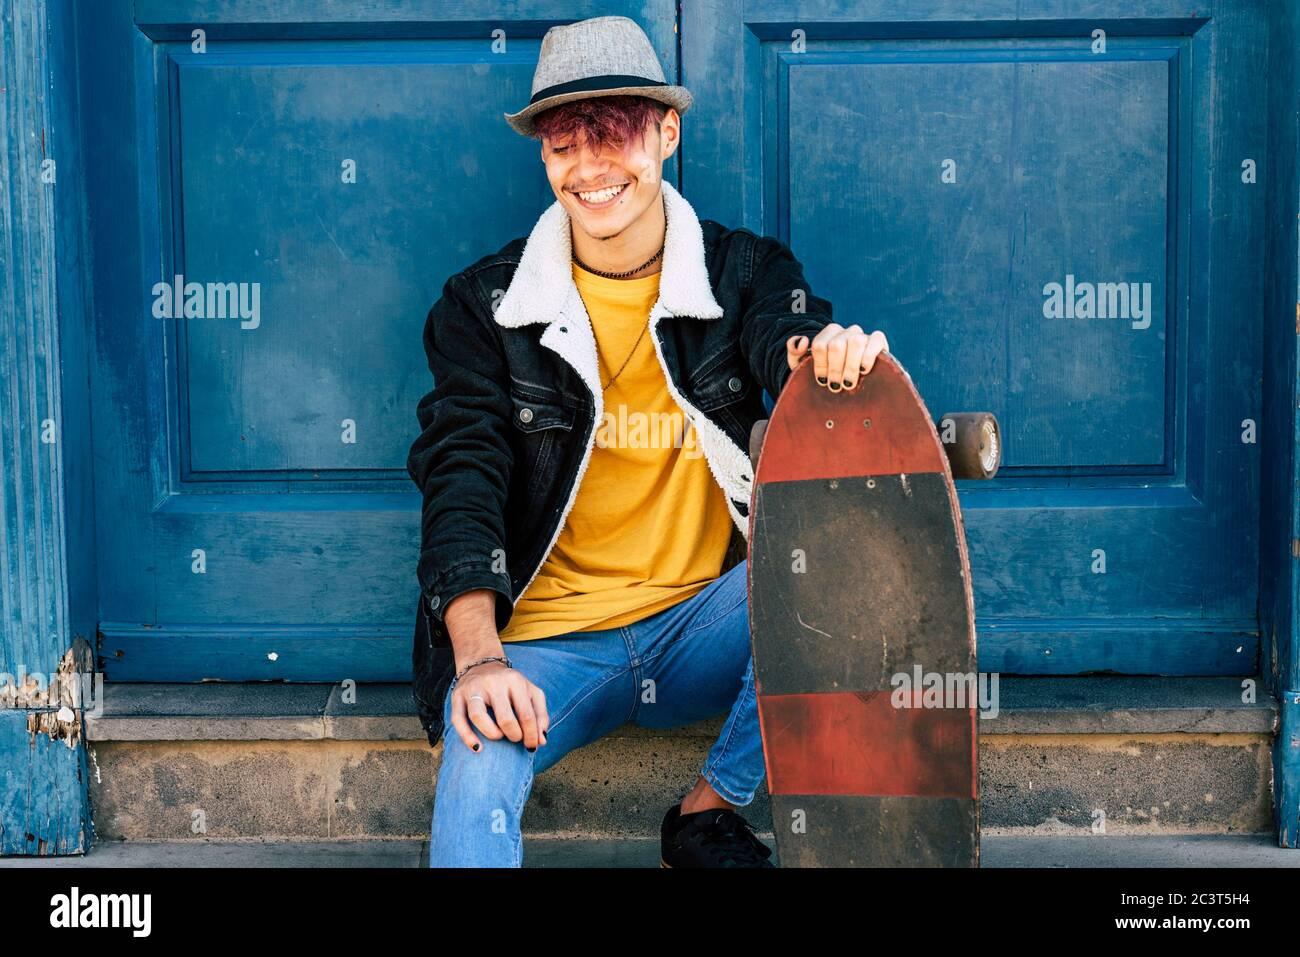 Allegro e felice adolescente sedersi fuori casa con blu vecchia porta in background - città stile di vita urbano e trendy generazione di concetto persone z - voi Foto Stock